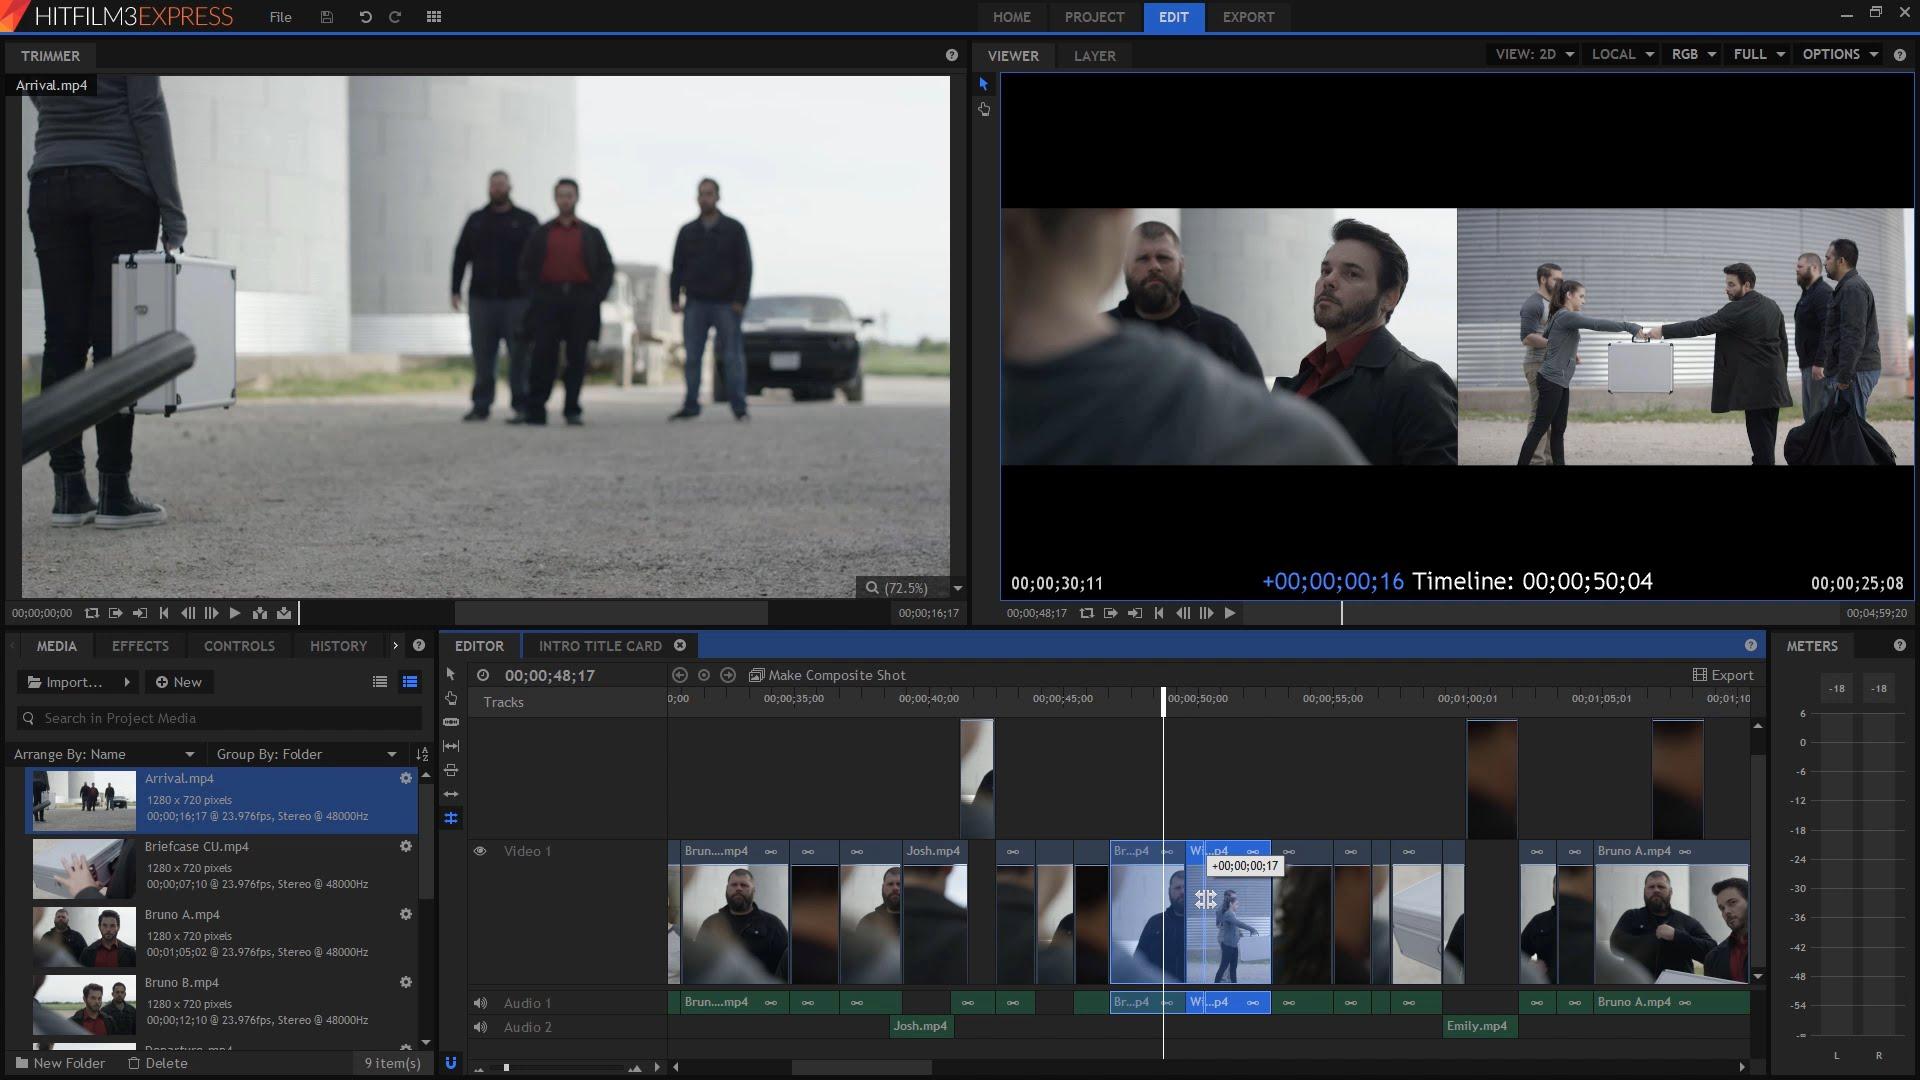 Hitfilme Express ferramenta de edição de vídeos